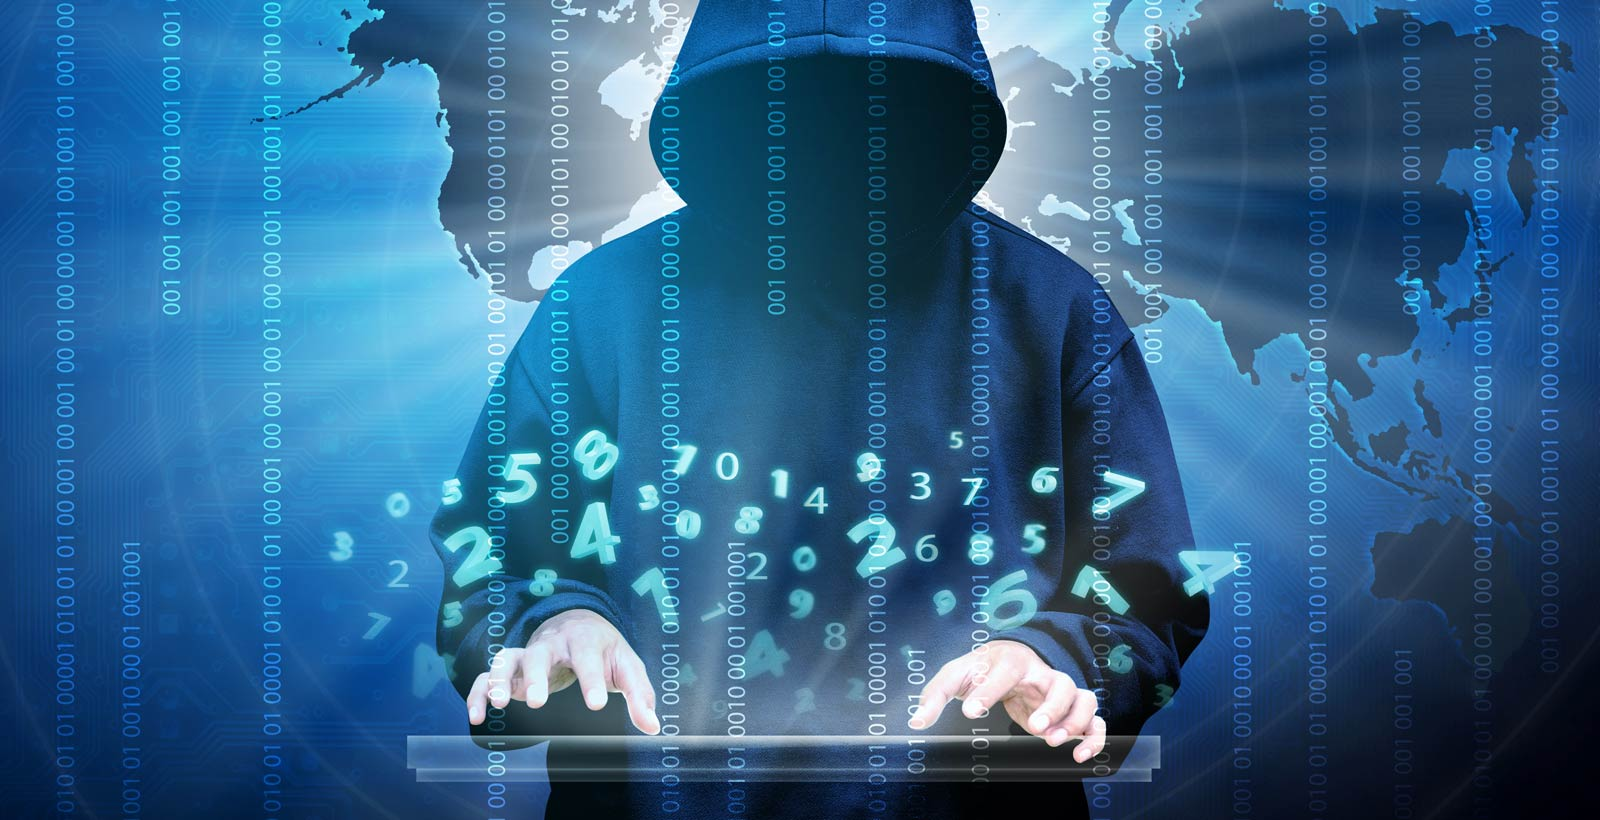 La cybercriminalité a de belles années devant elle